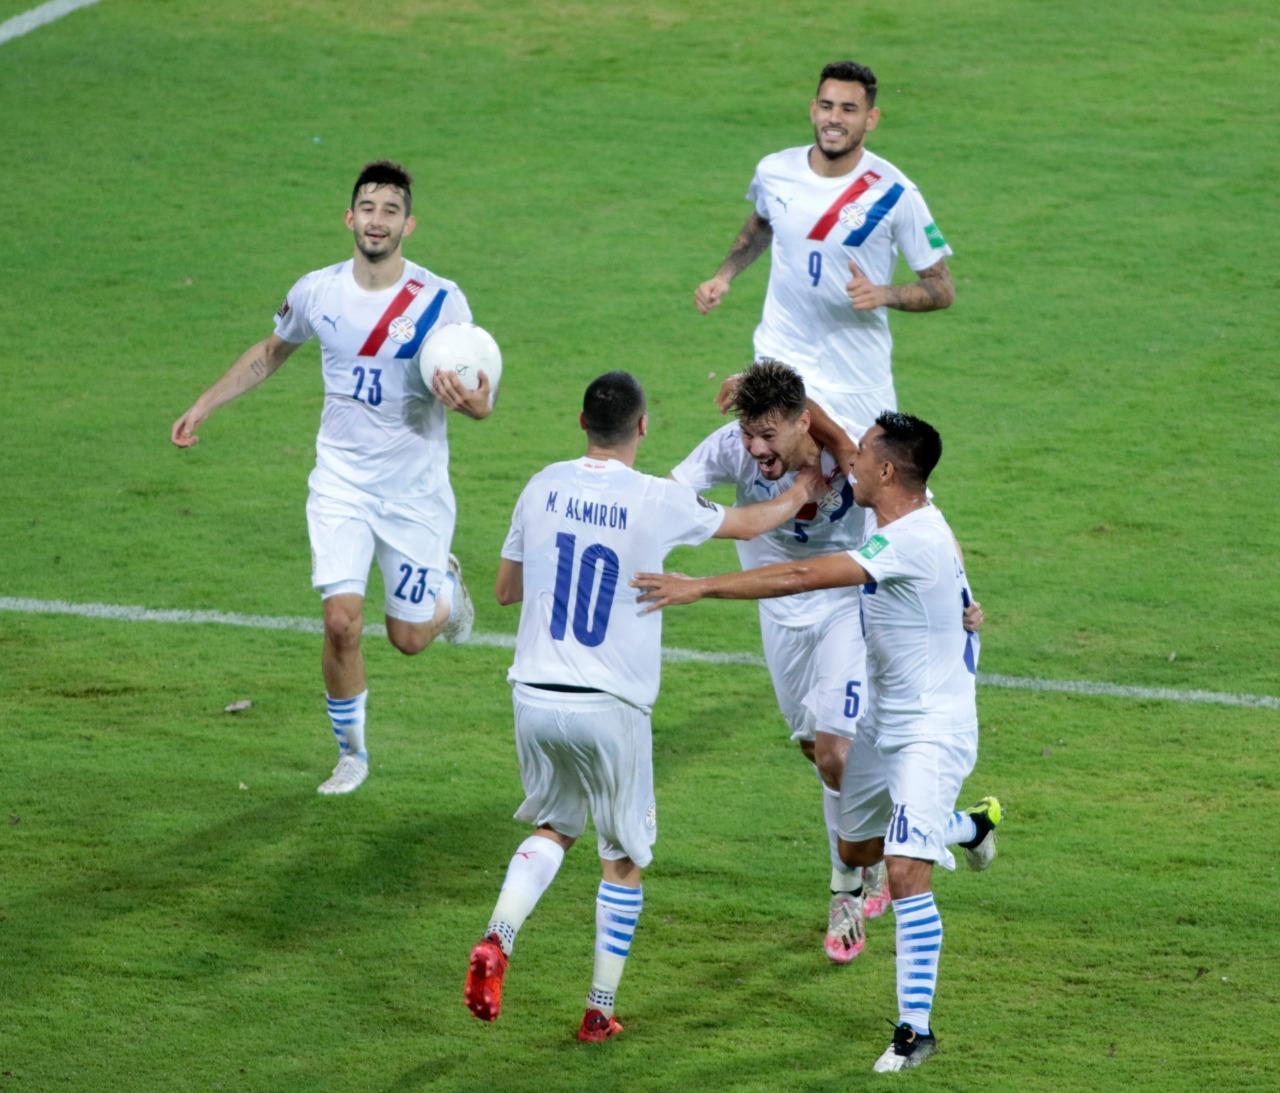 Paraguay consigue una ajustada victoria en su visita a Venezuela [1-0]